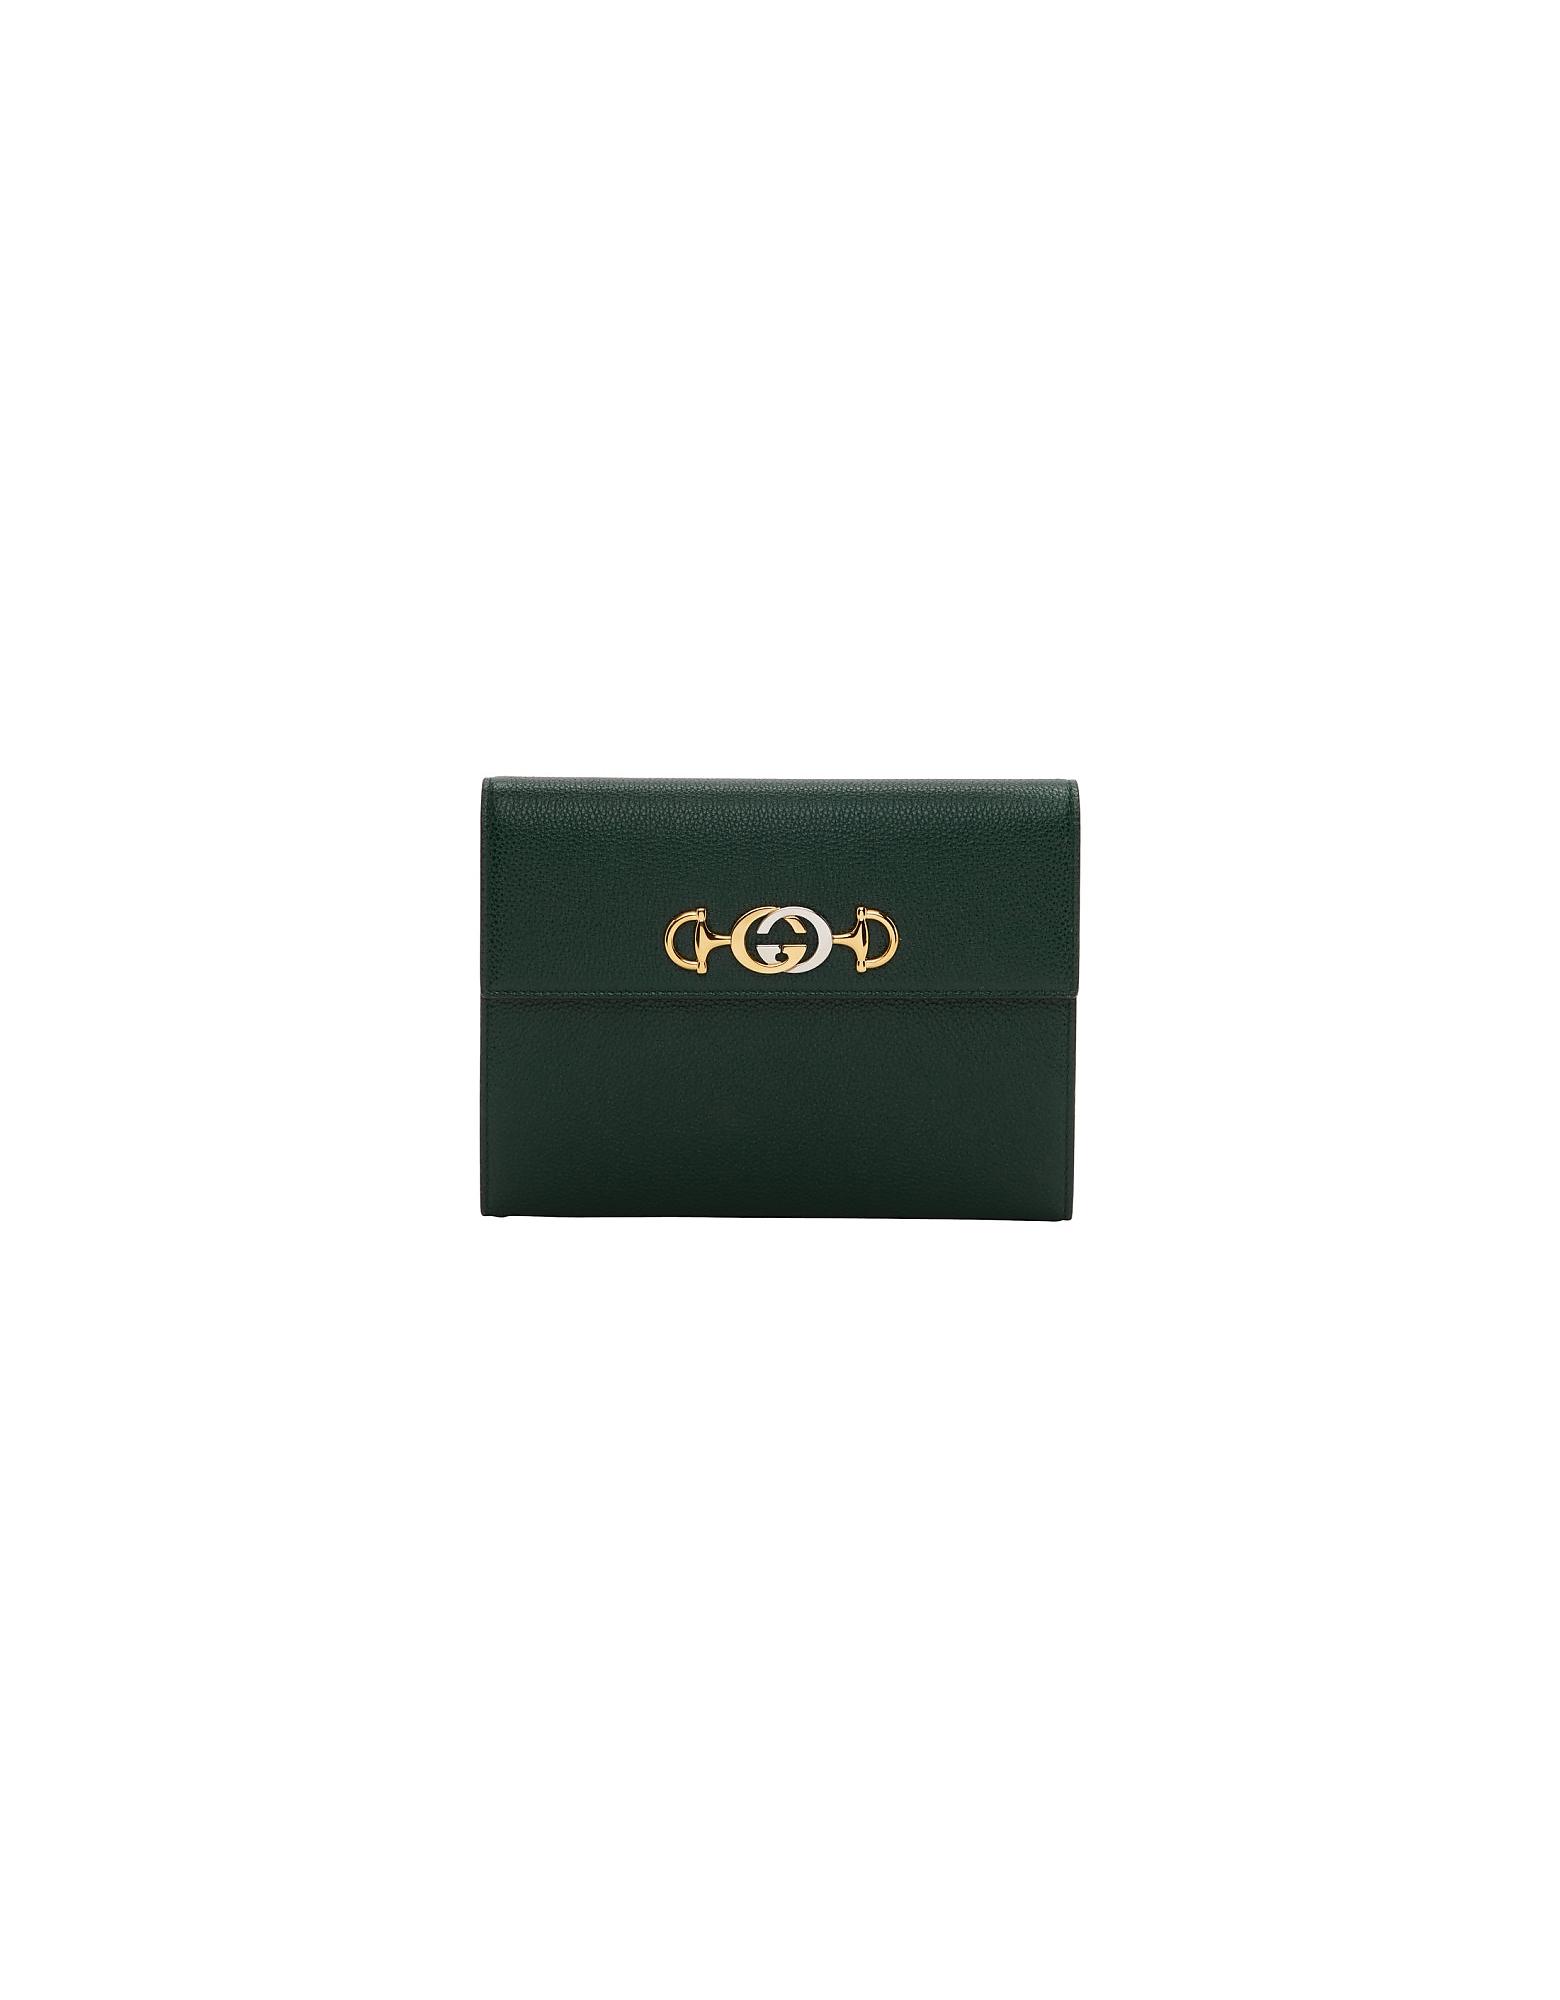 Gucci Designer Handbags, Green Zumi Pouch